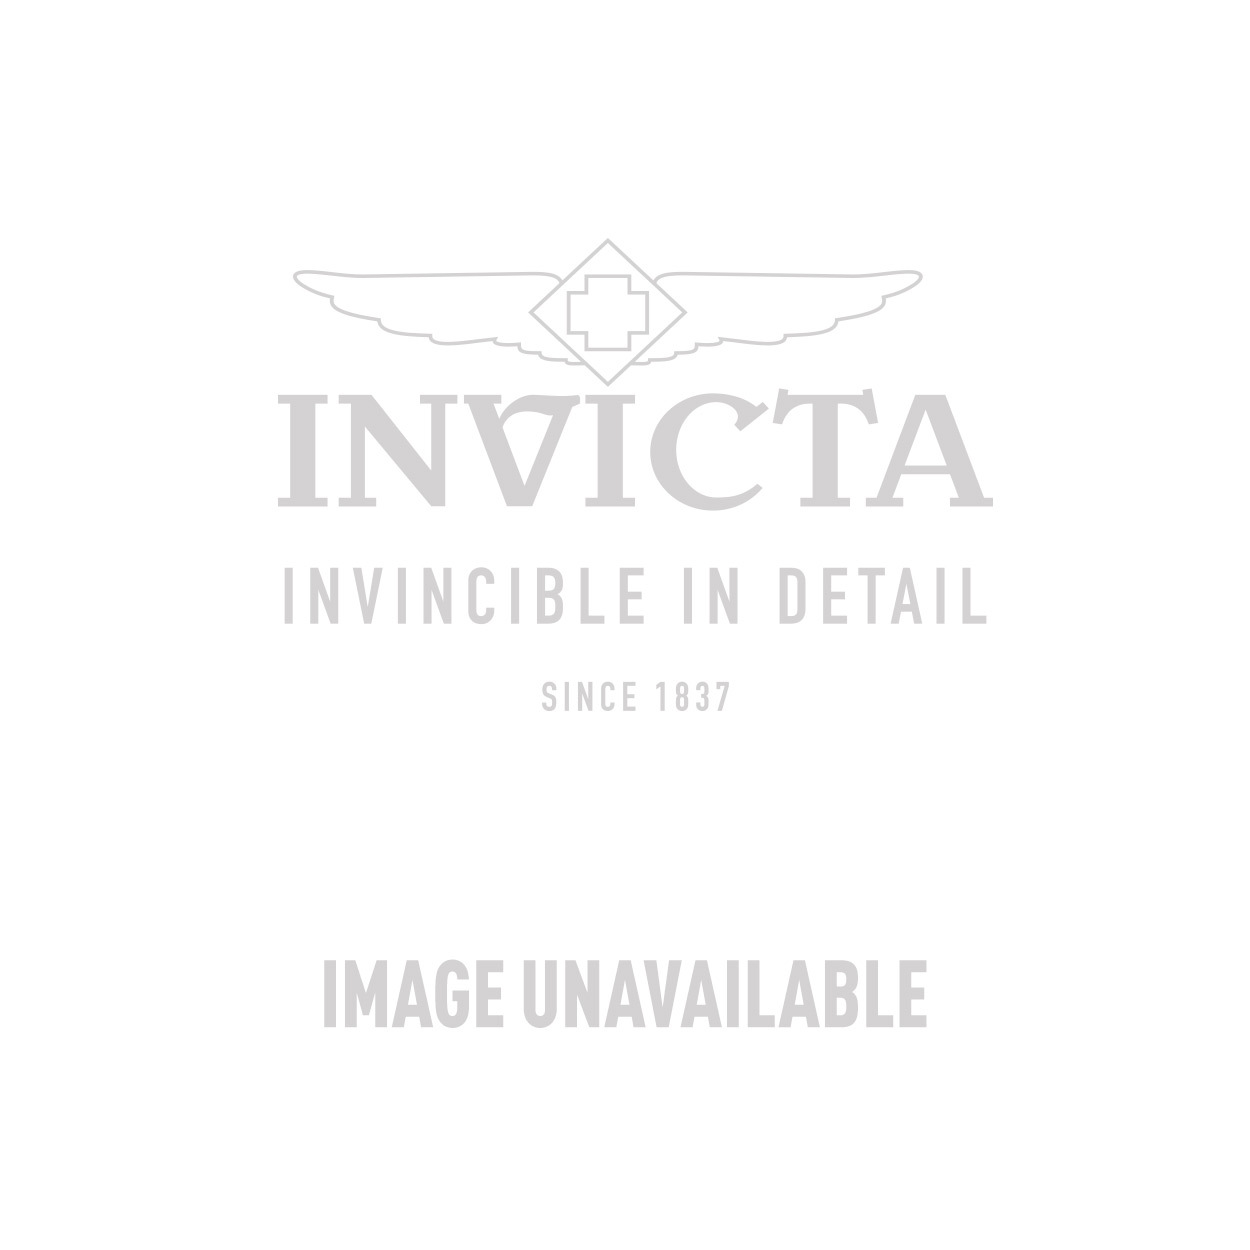 Invicta Model 28492